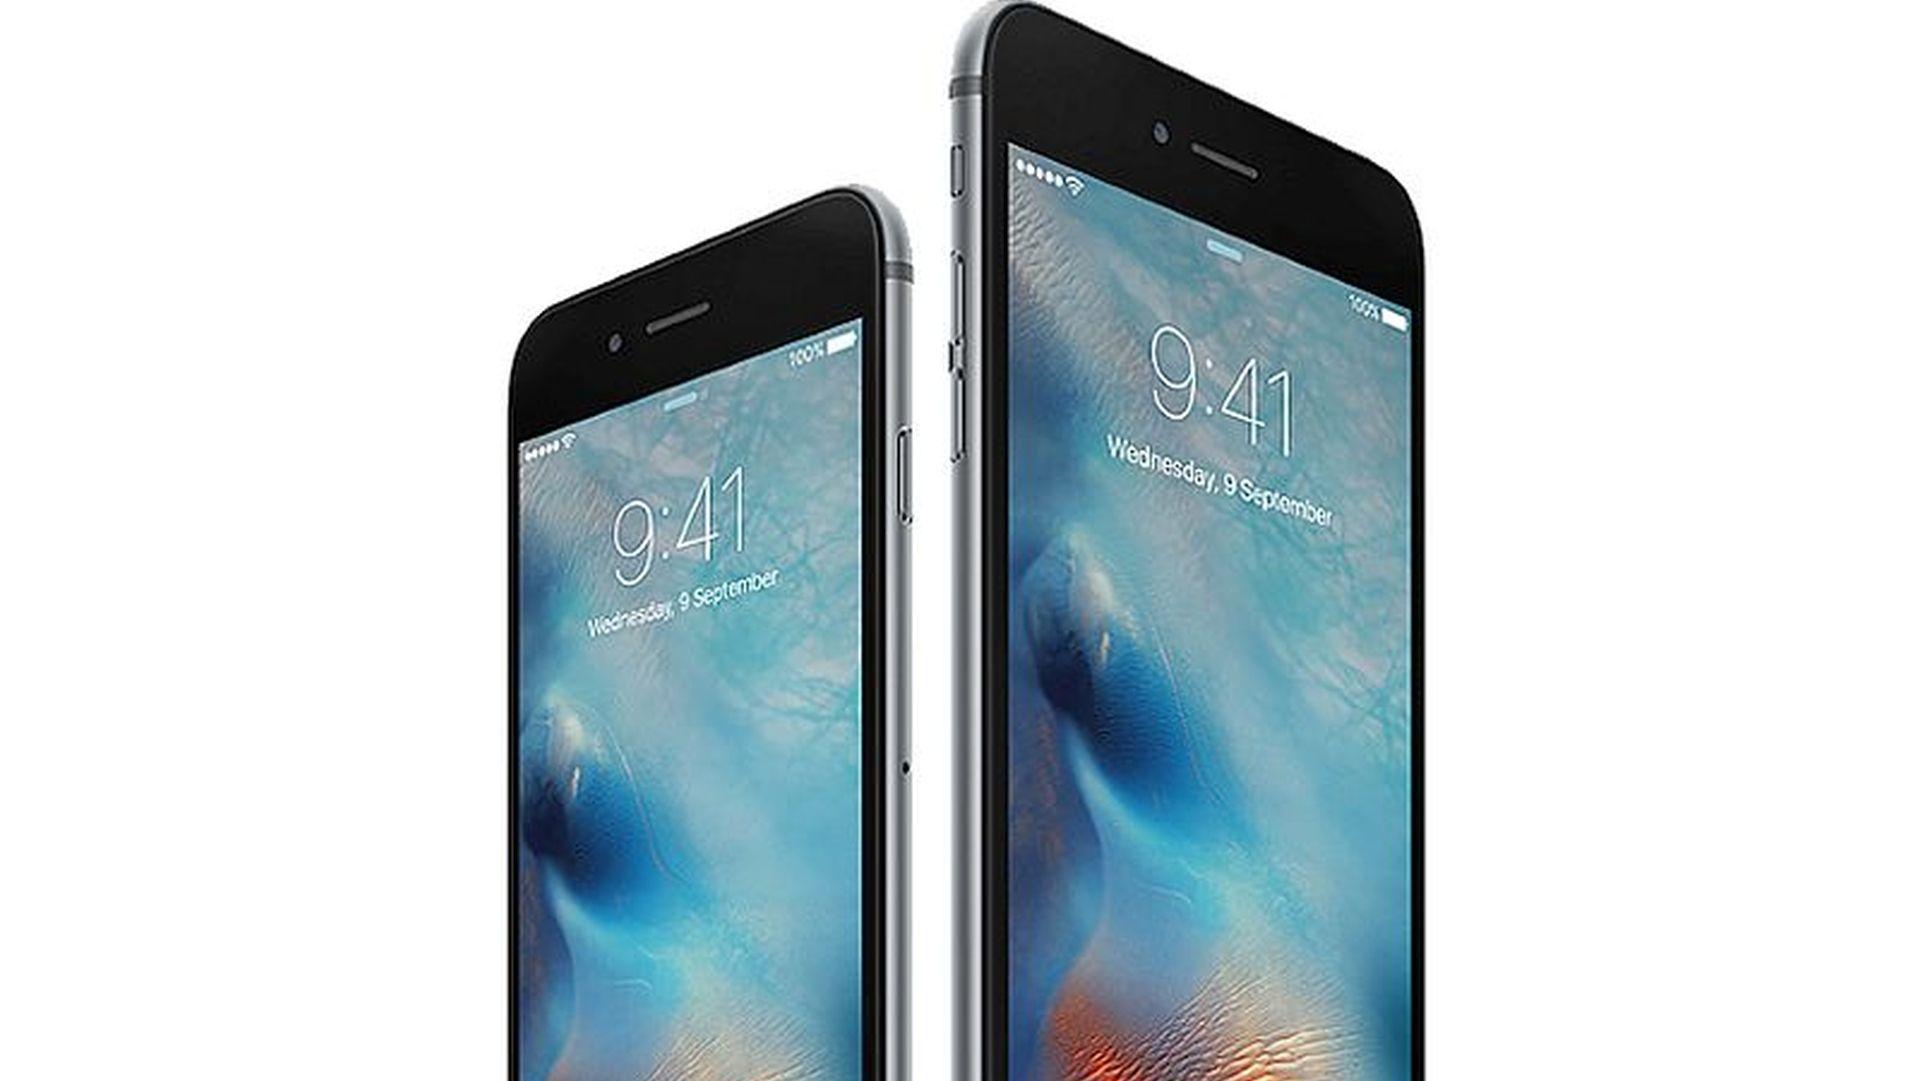 Nowy program naprawczy dla iPhone'ów 6s i 6s Plus